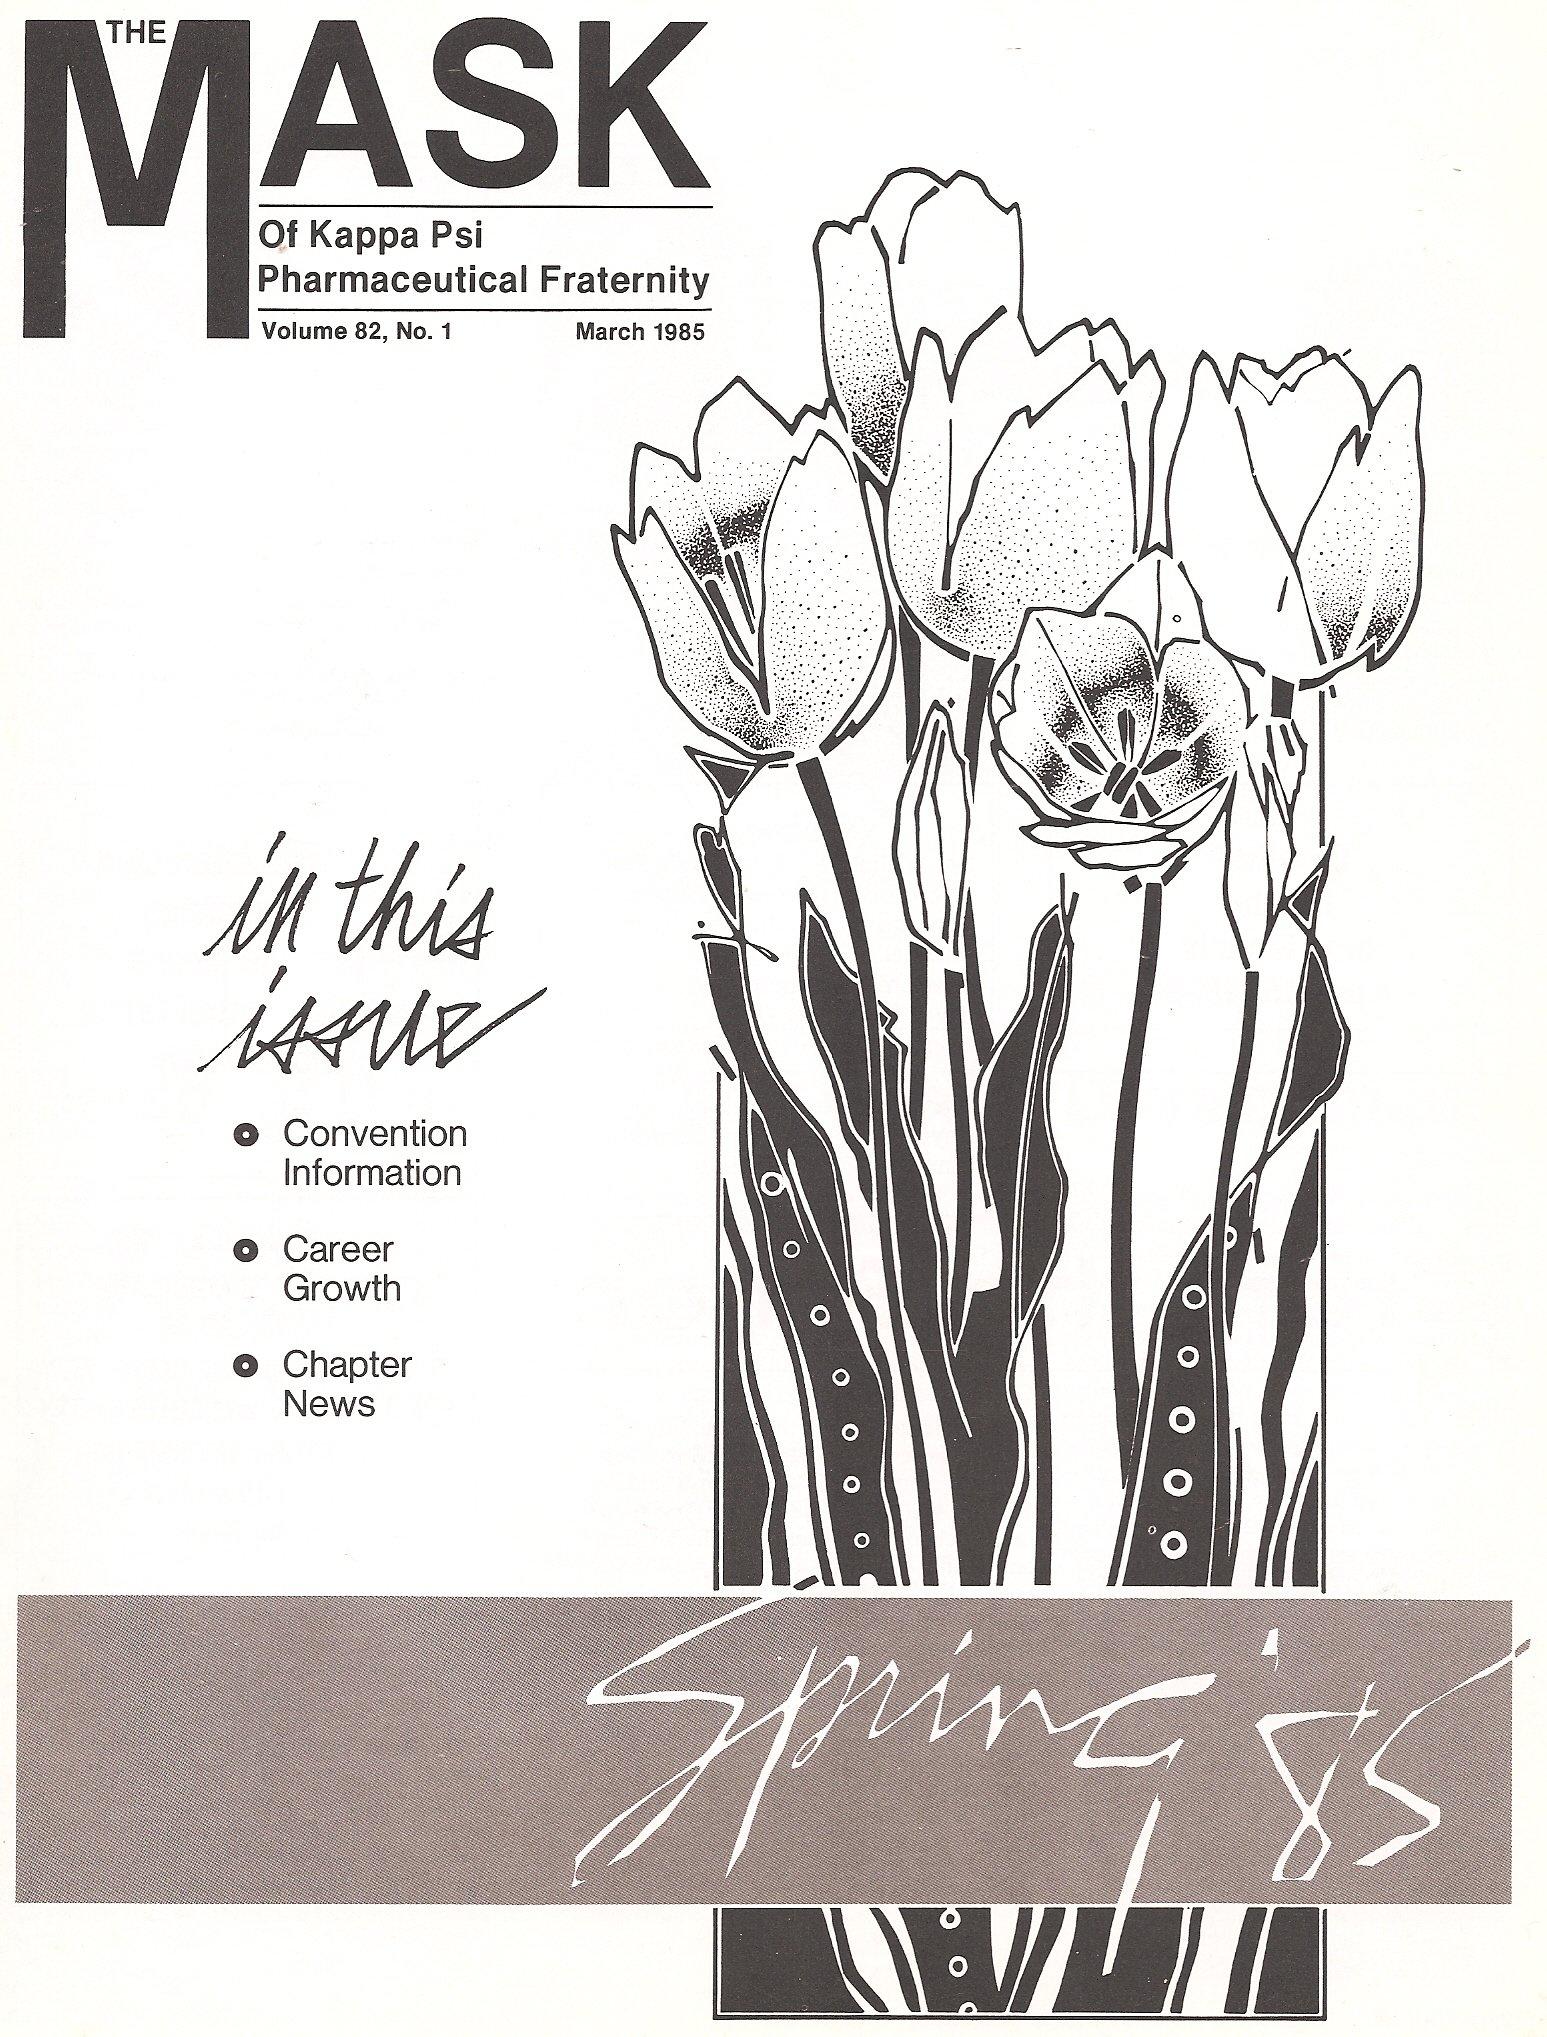 mask_cover_03_1985.jpg